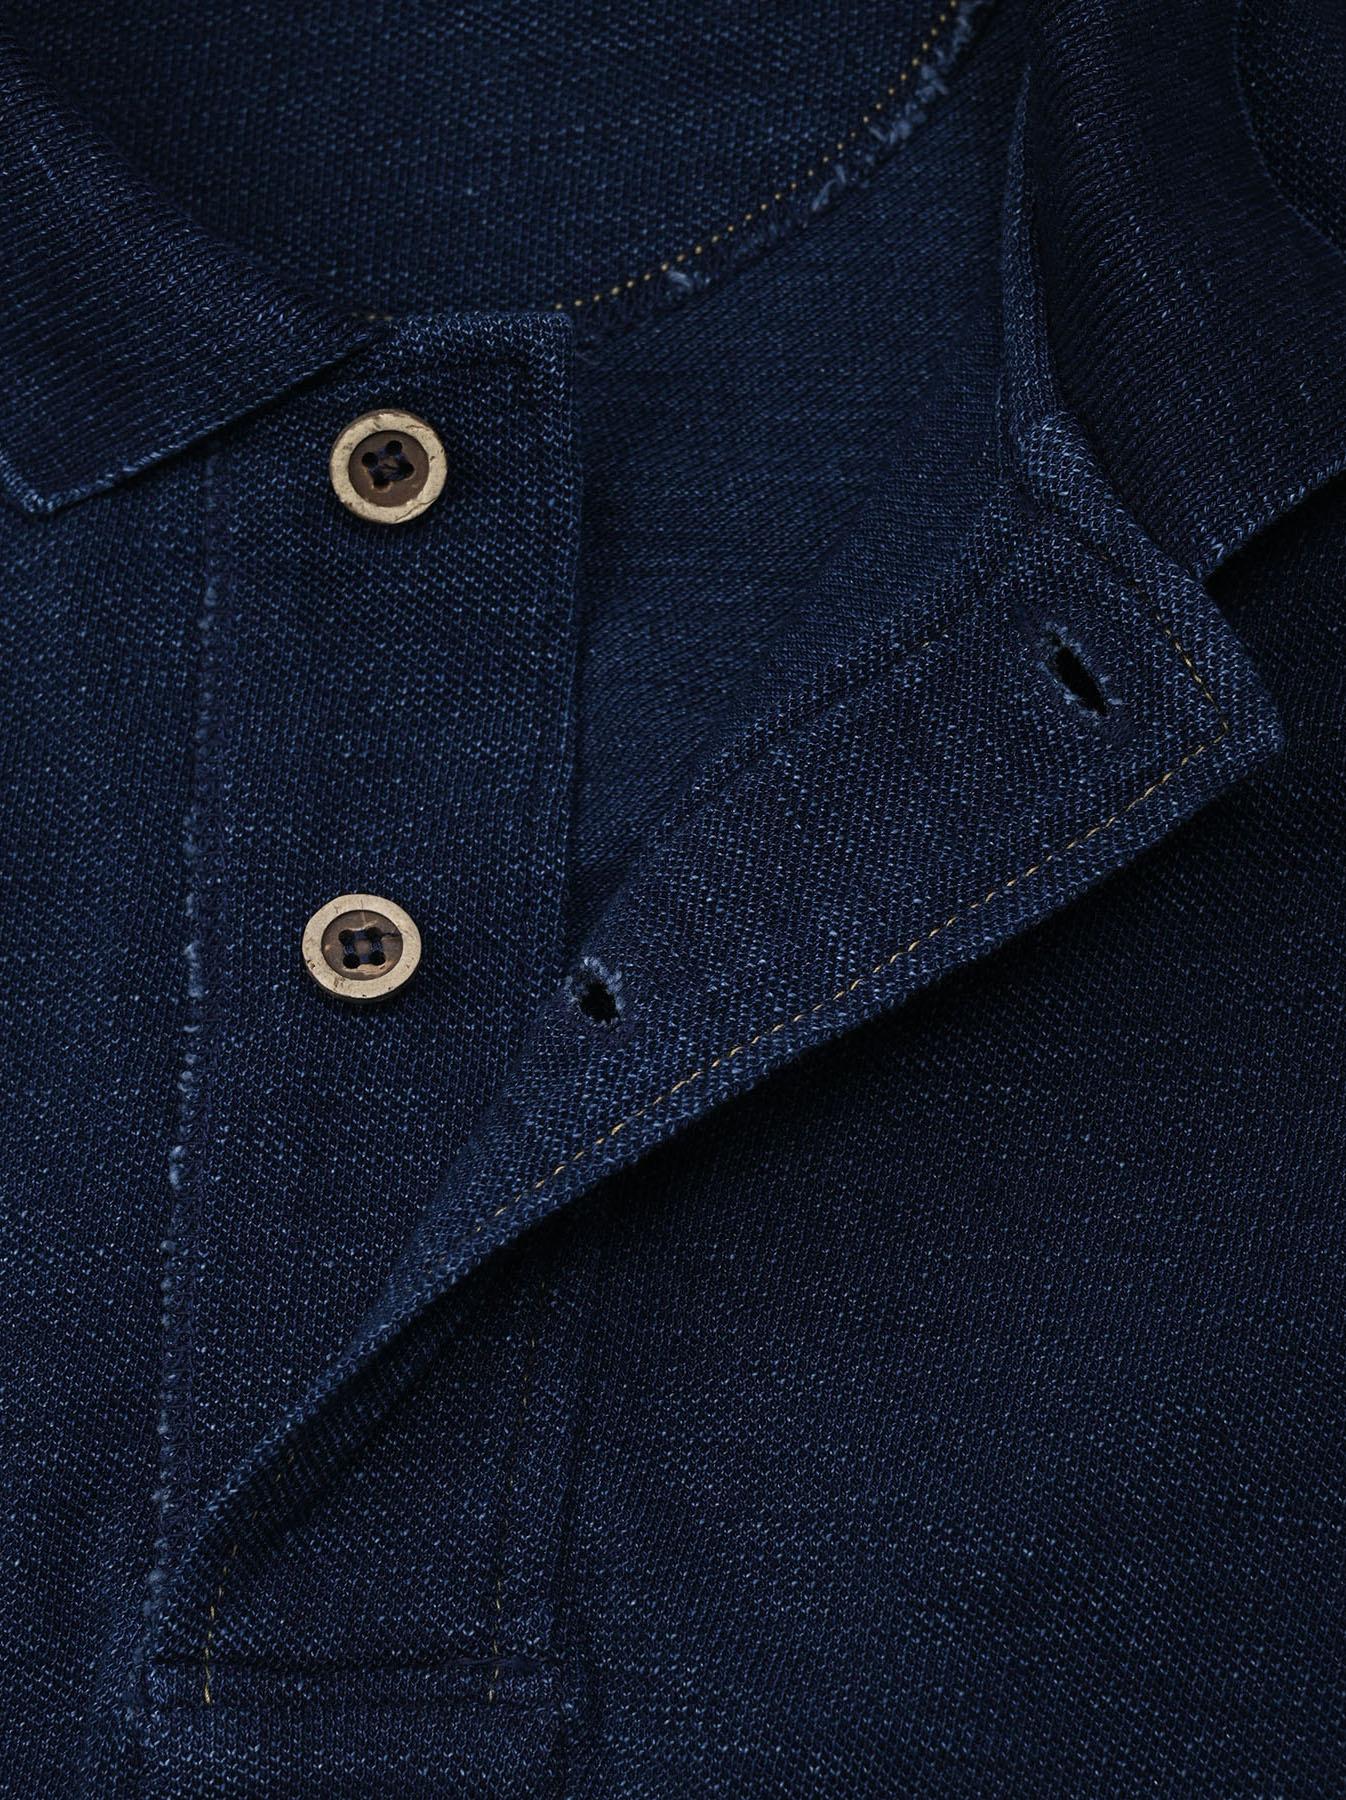 Indigo Kanoko Ocean Shiokaze Short-sleeved Polo Dress (0521)-7